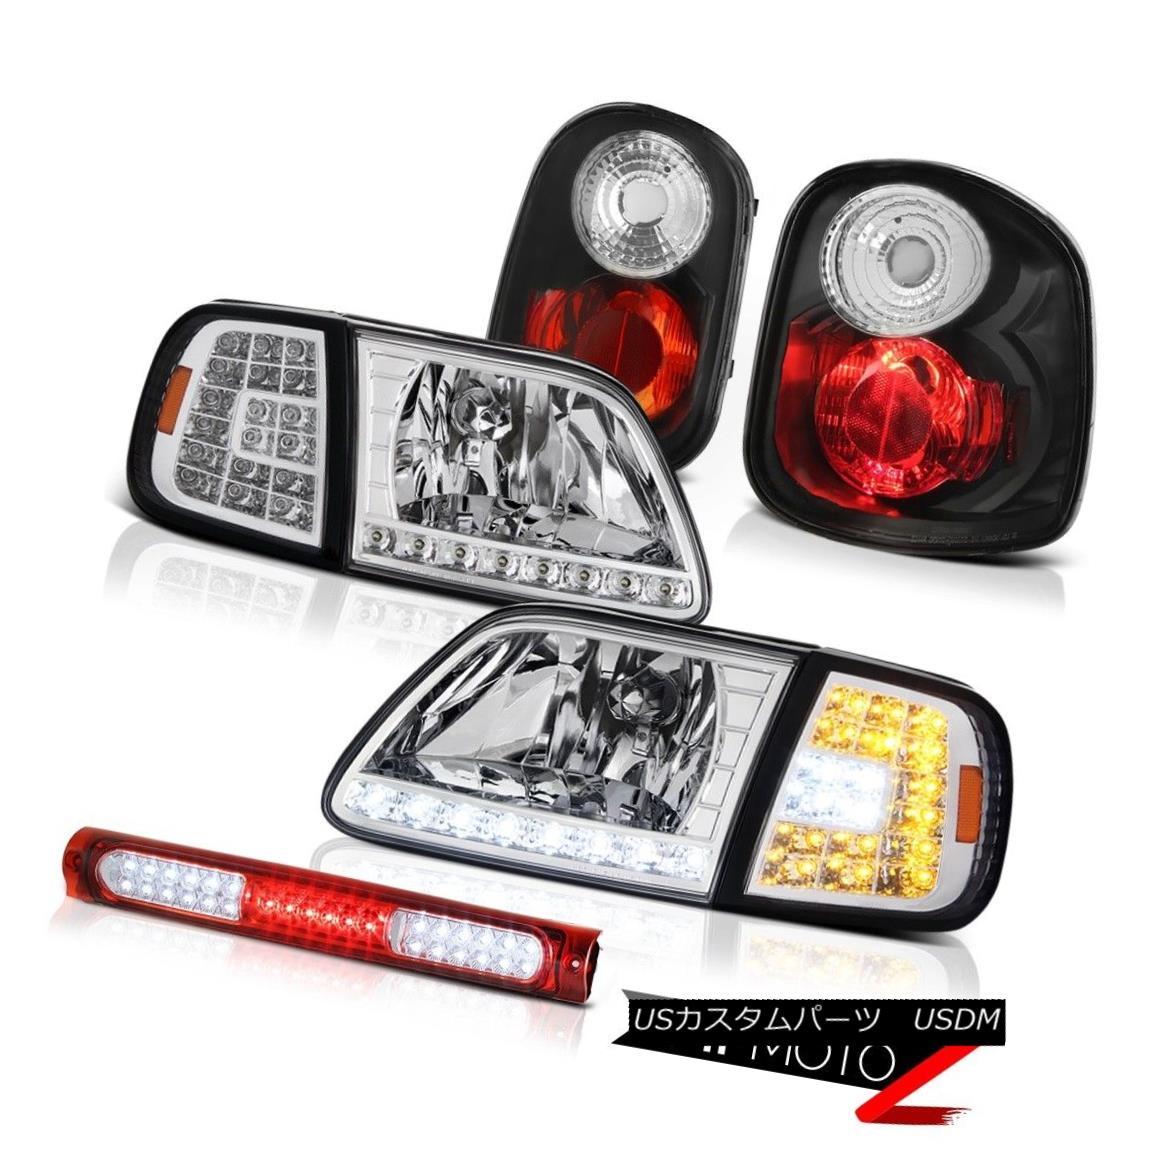 ヘッドライト LED Signal Headlamps Rear Brake Lights Roof Red 1997-2000 F150 Flareside Lariat LEDシグナルヘッドランプリアブレーキライトルーフレッド1997-2000 F150 Flareside Lariat